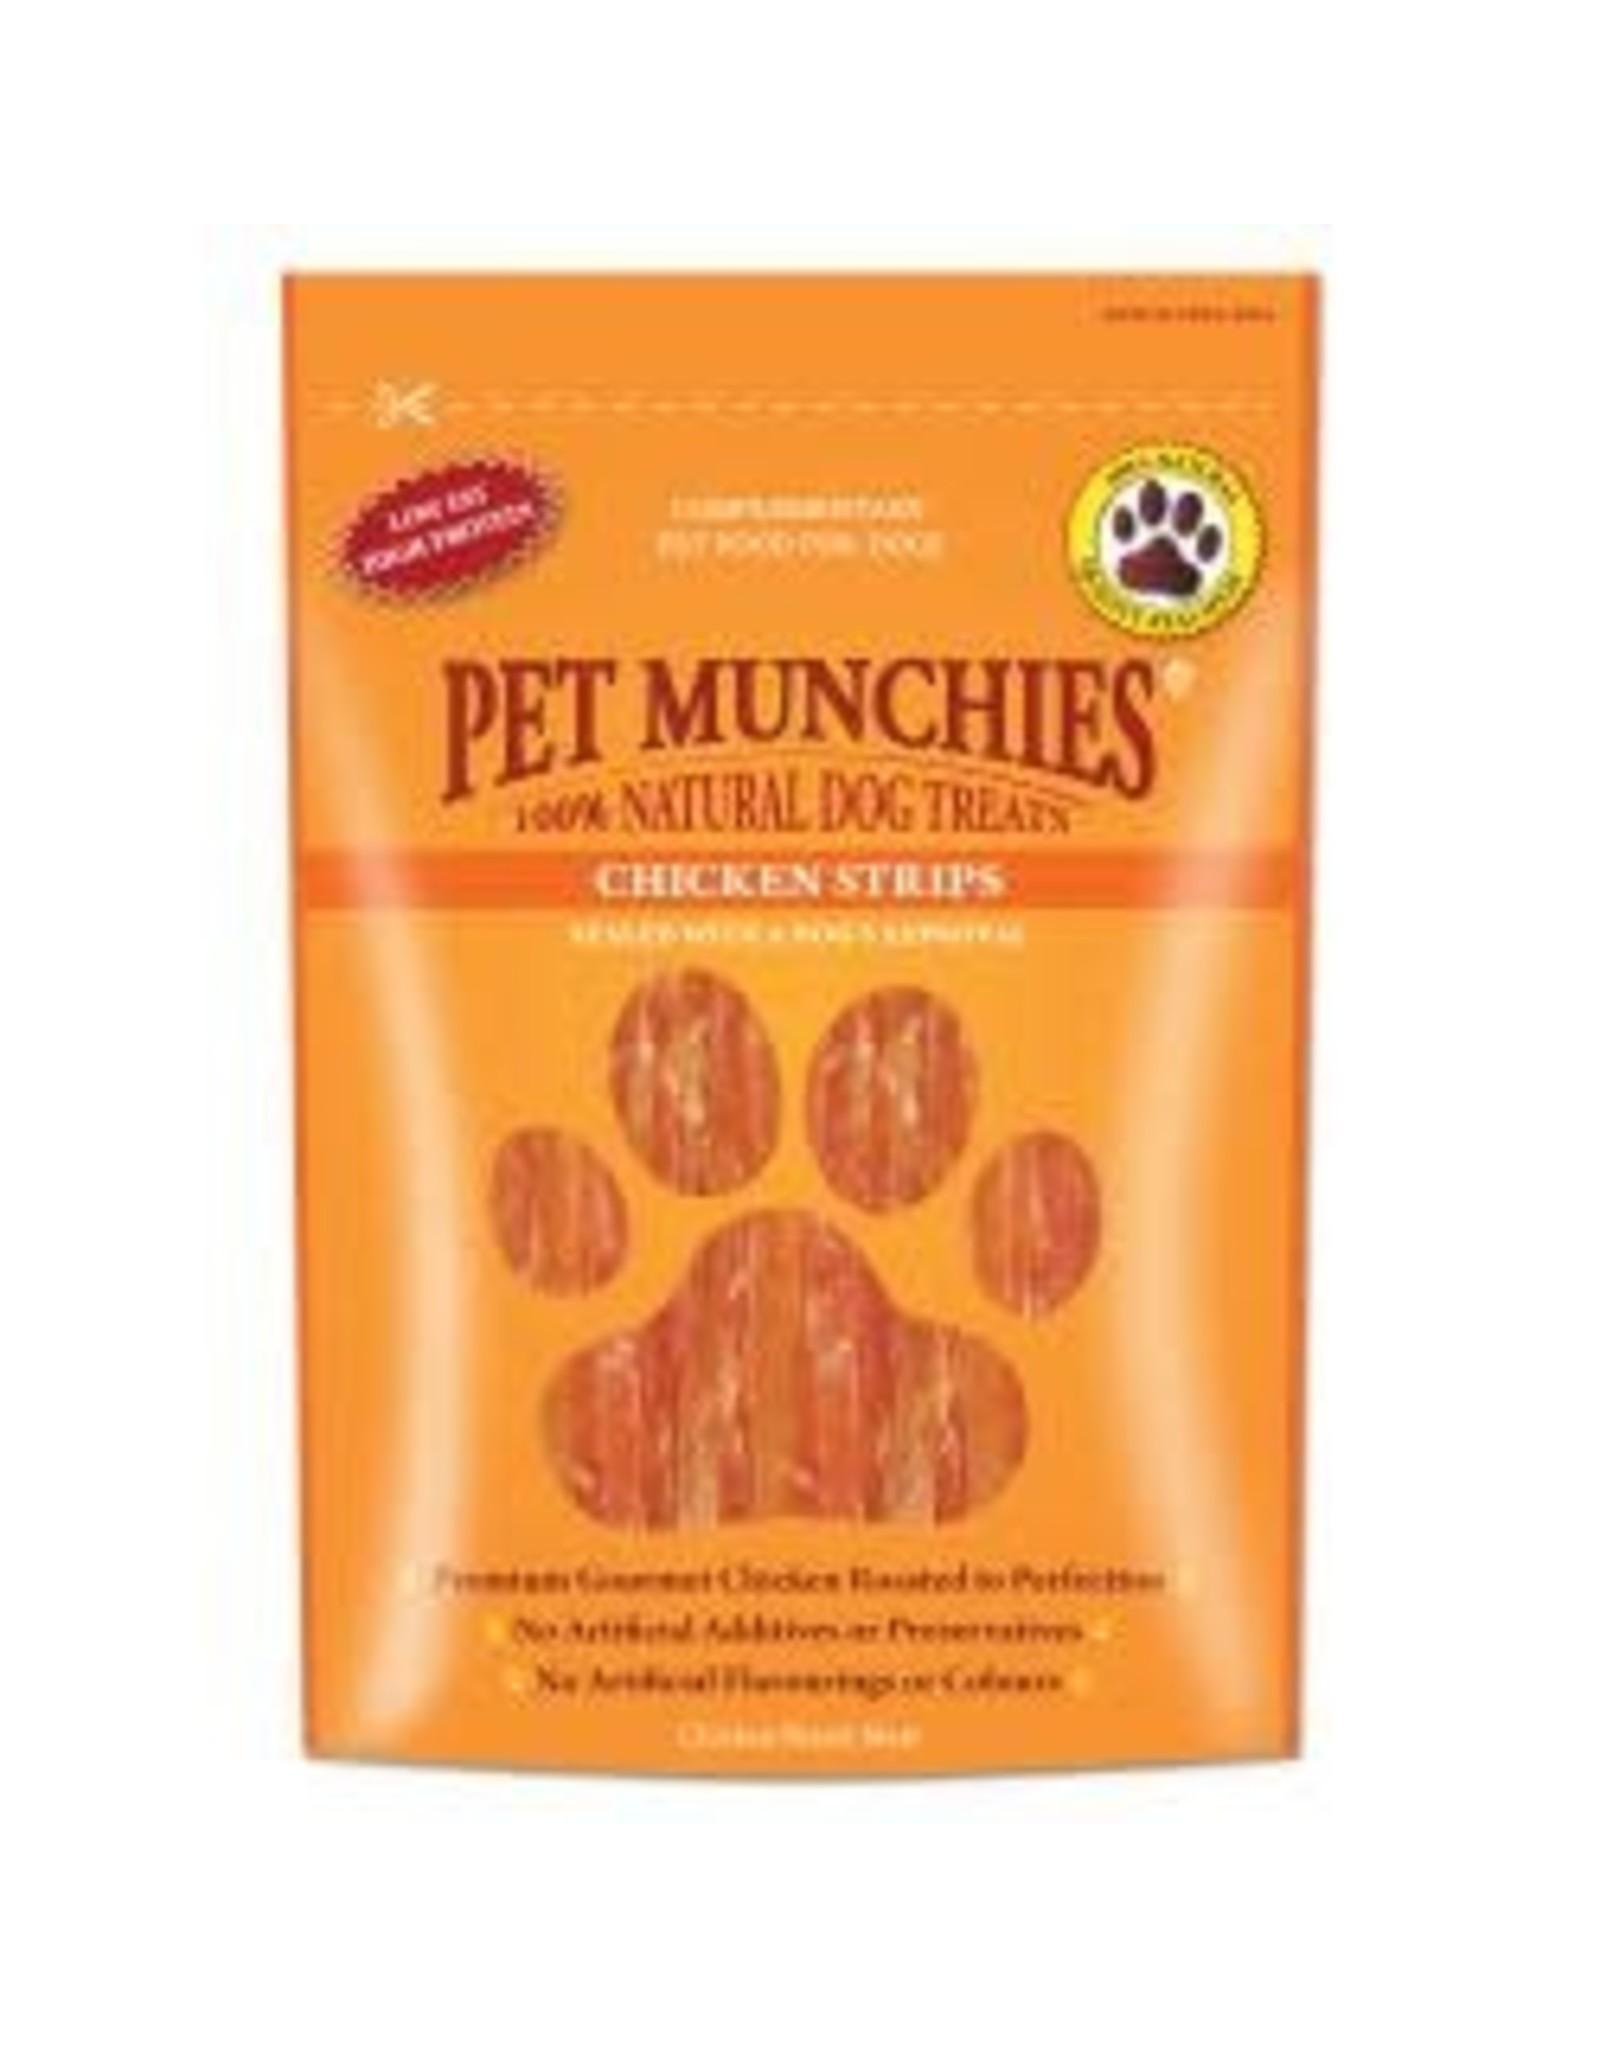 Pet Munchies Pet Munchies Chicken Strips 90g